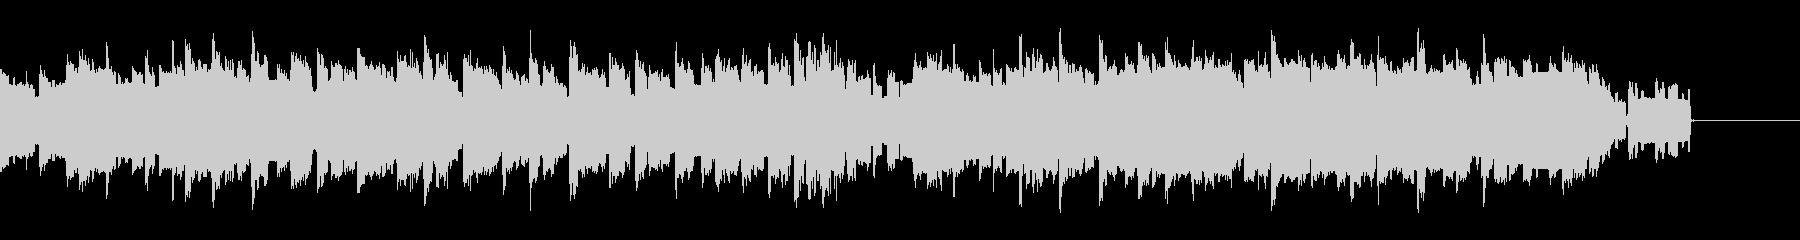 ファミコン風BGMの未再生の波形